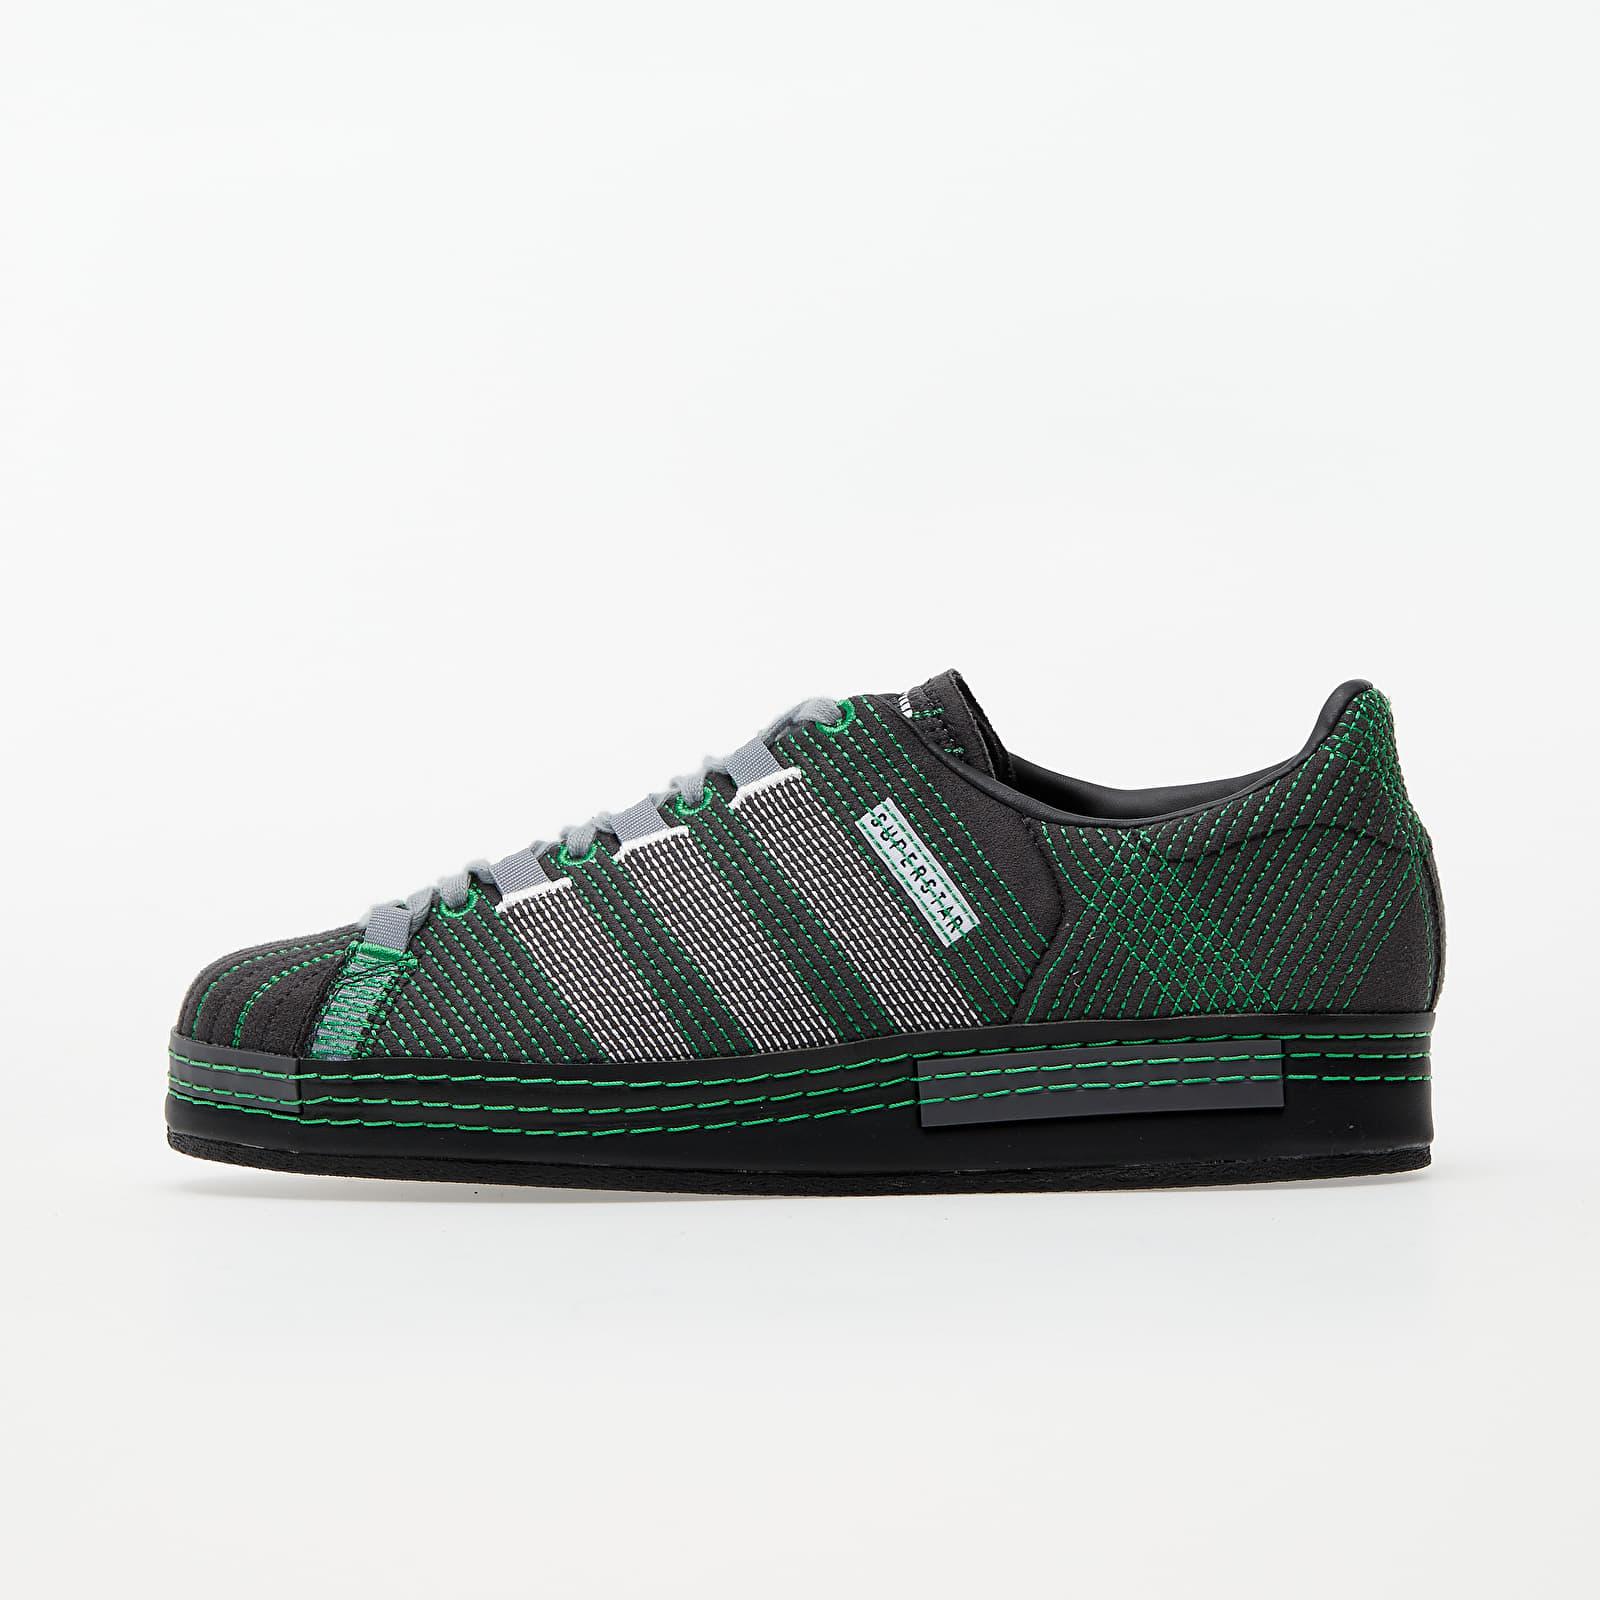 Pánské tenisky a boty adidas x Craig Green Superstar Utility Black/ Core Black/ Green